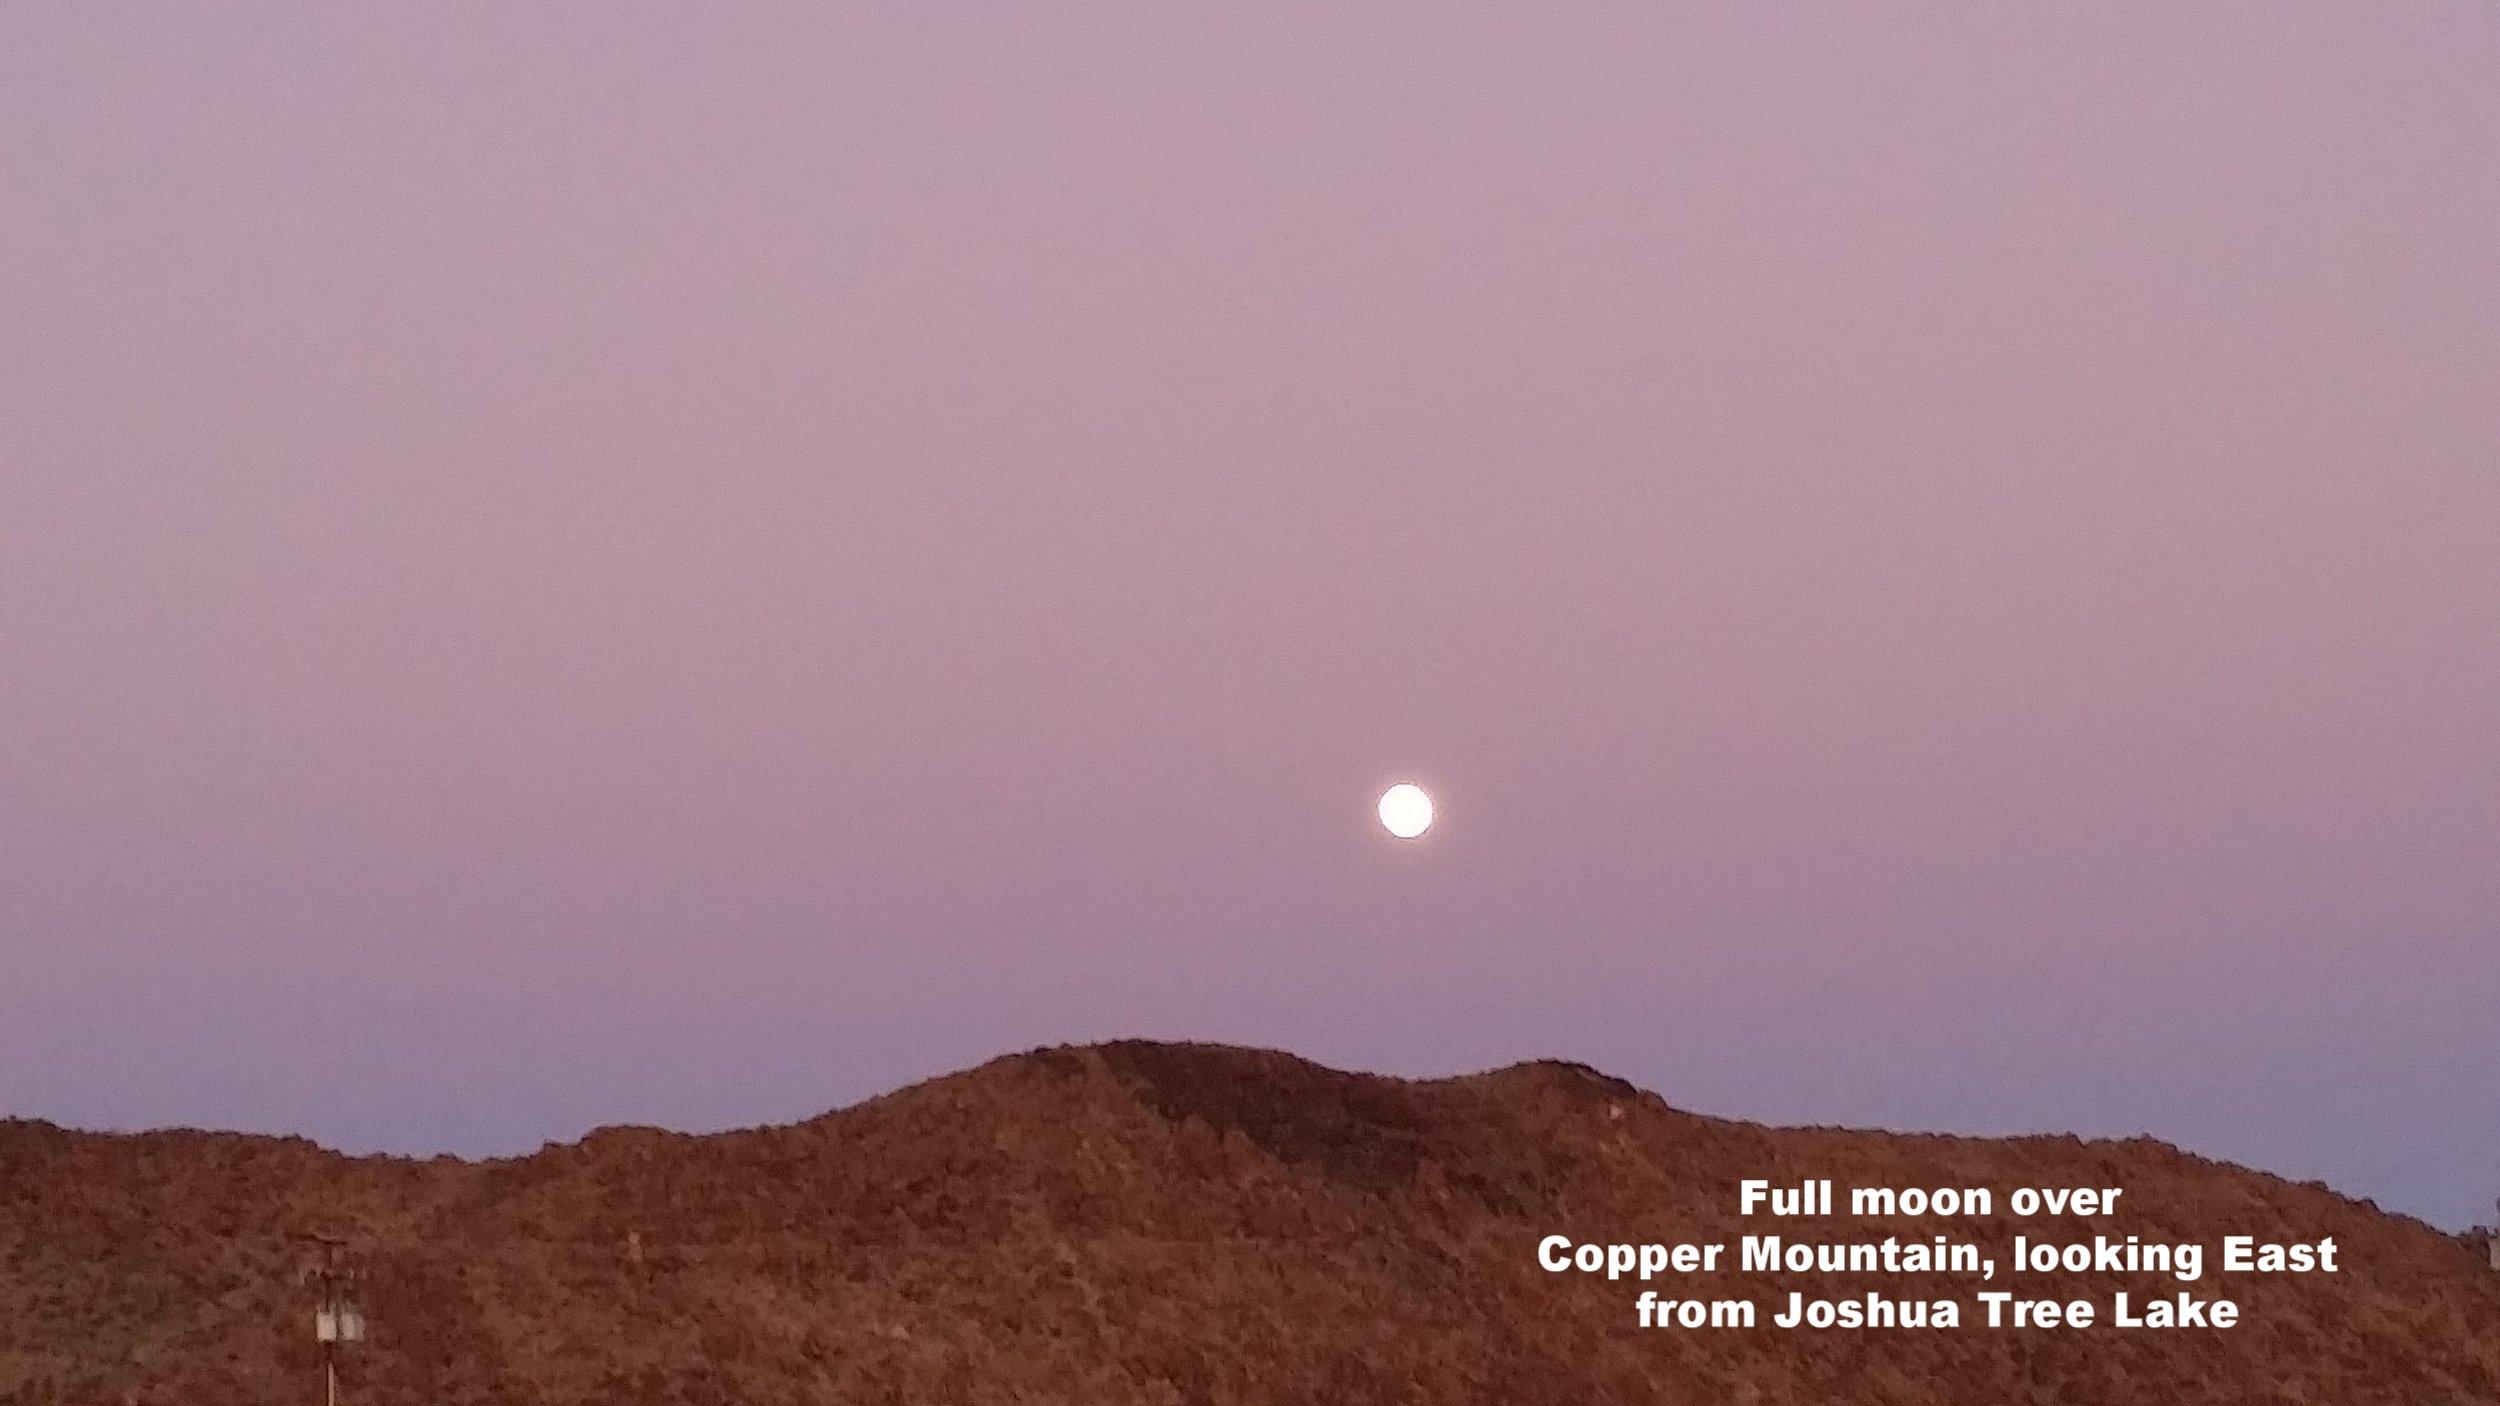 Full moon over Copper Mountain.jpg